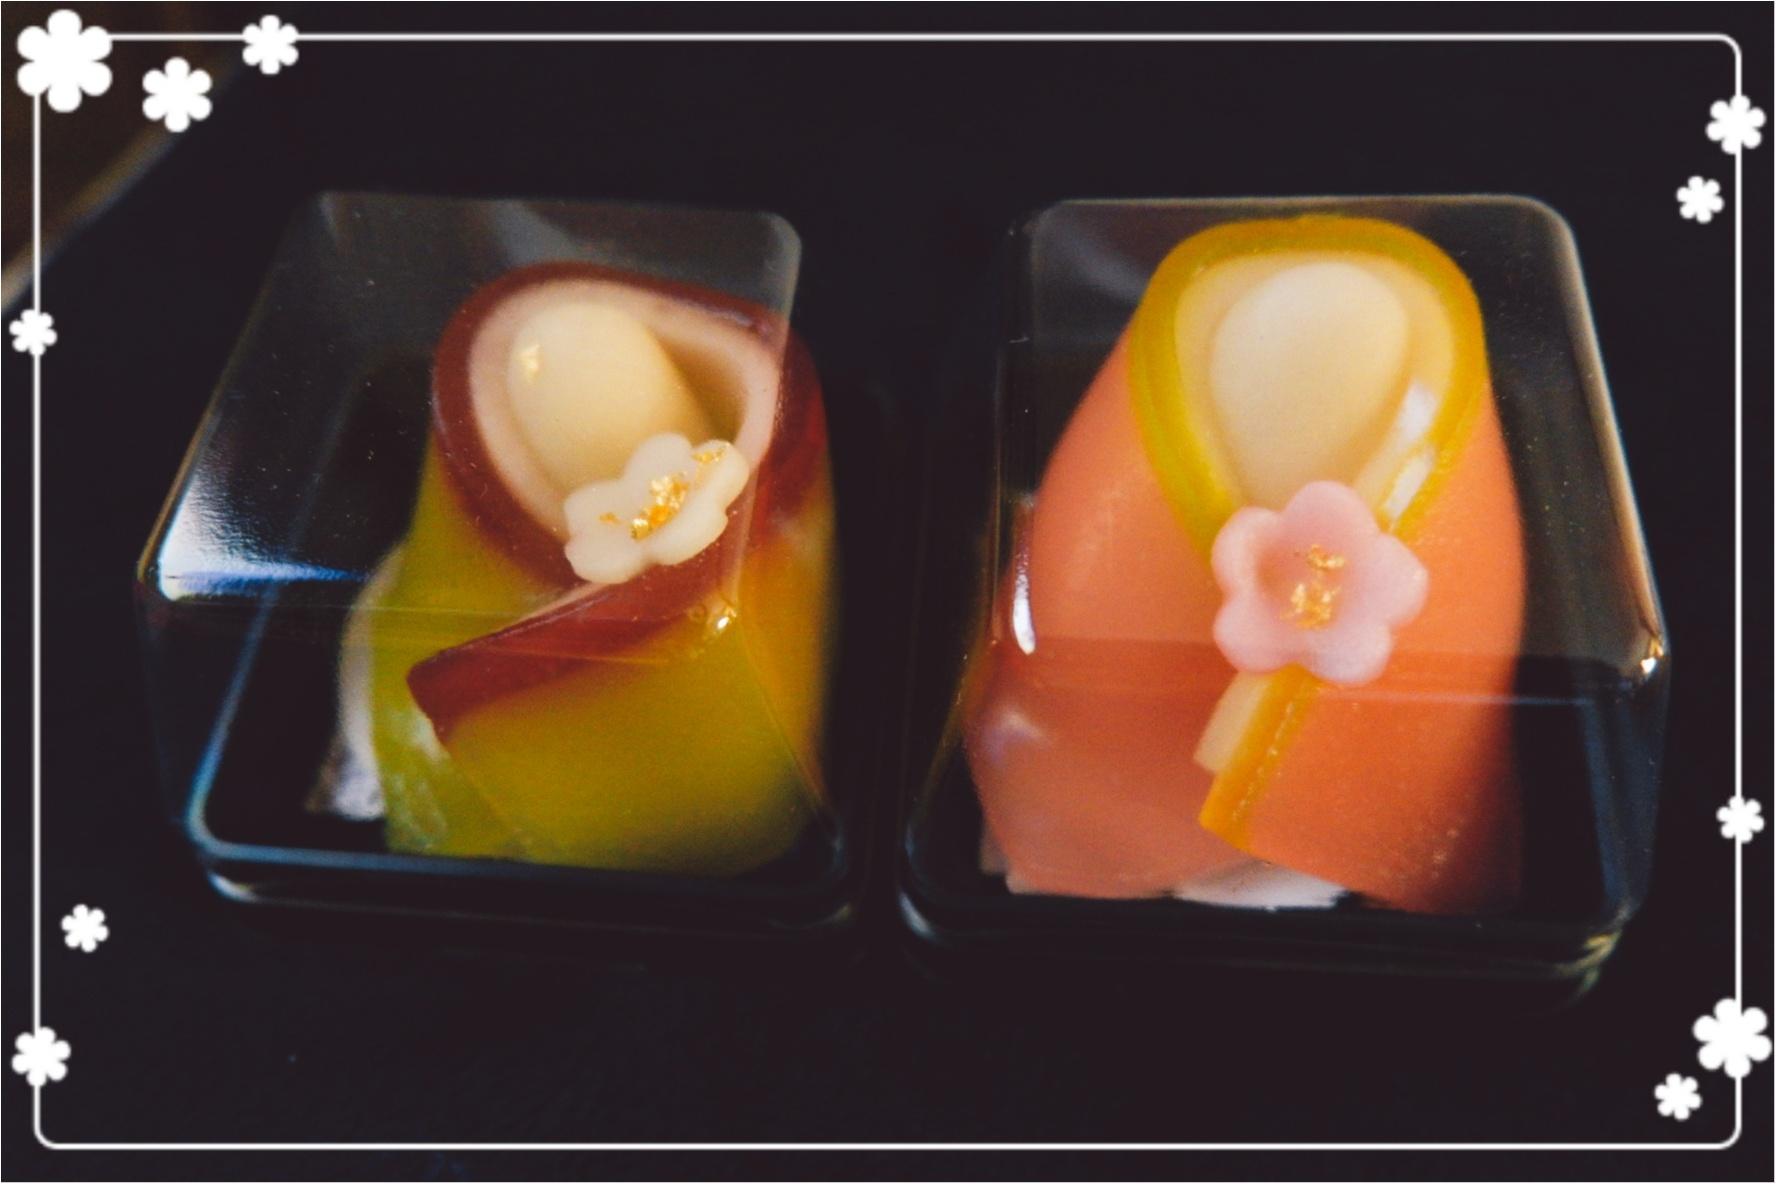 【ひな祭り】たまには季節のかわいい和菓子で和みひととき♡_1